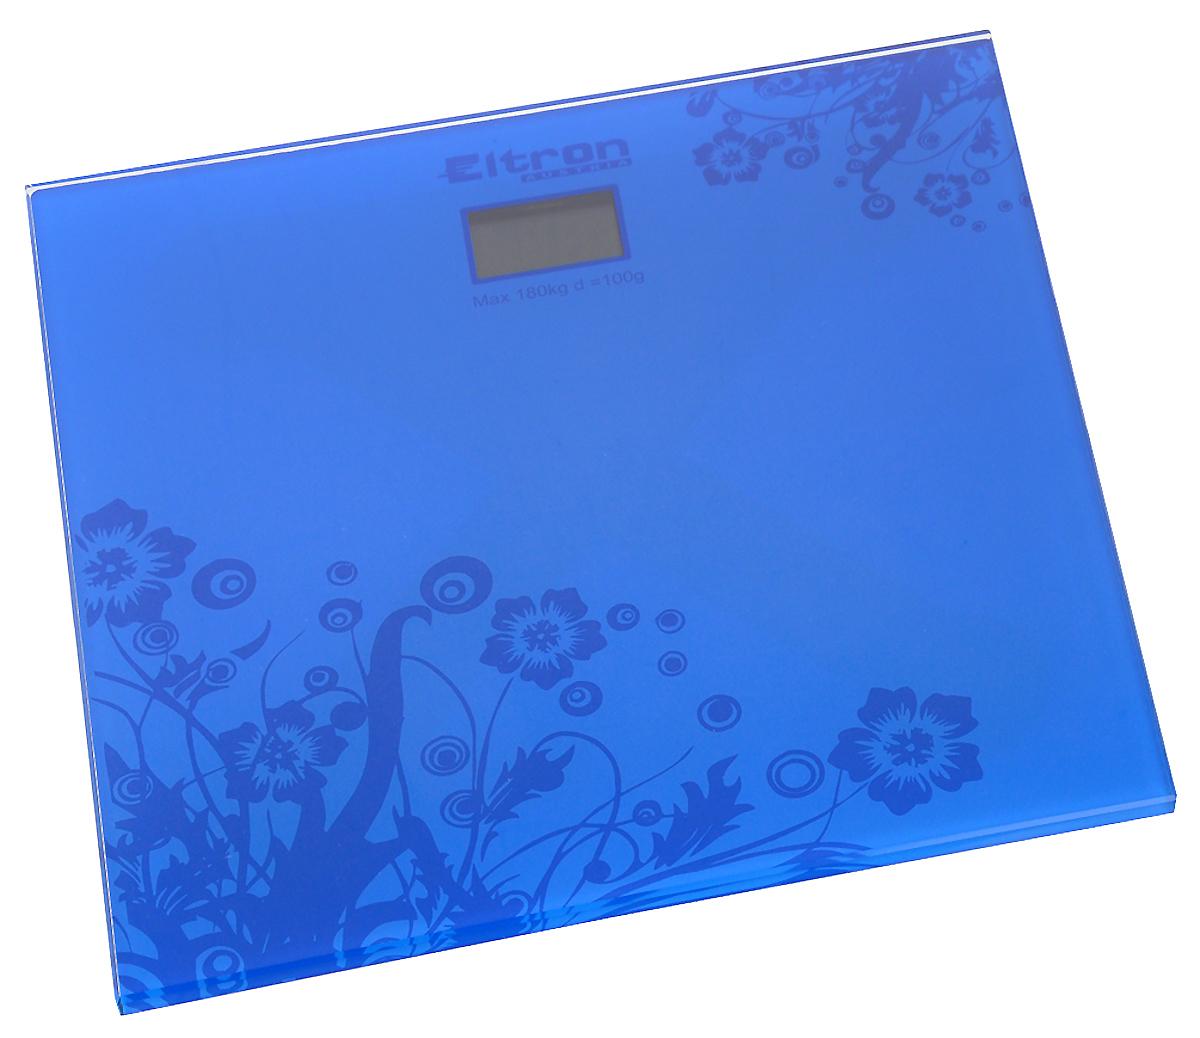 Весы напольные Eltron, цифровые, до 180 кг, цвет: синий весы sinbo весы напольные sbs 4432 180 кг